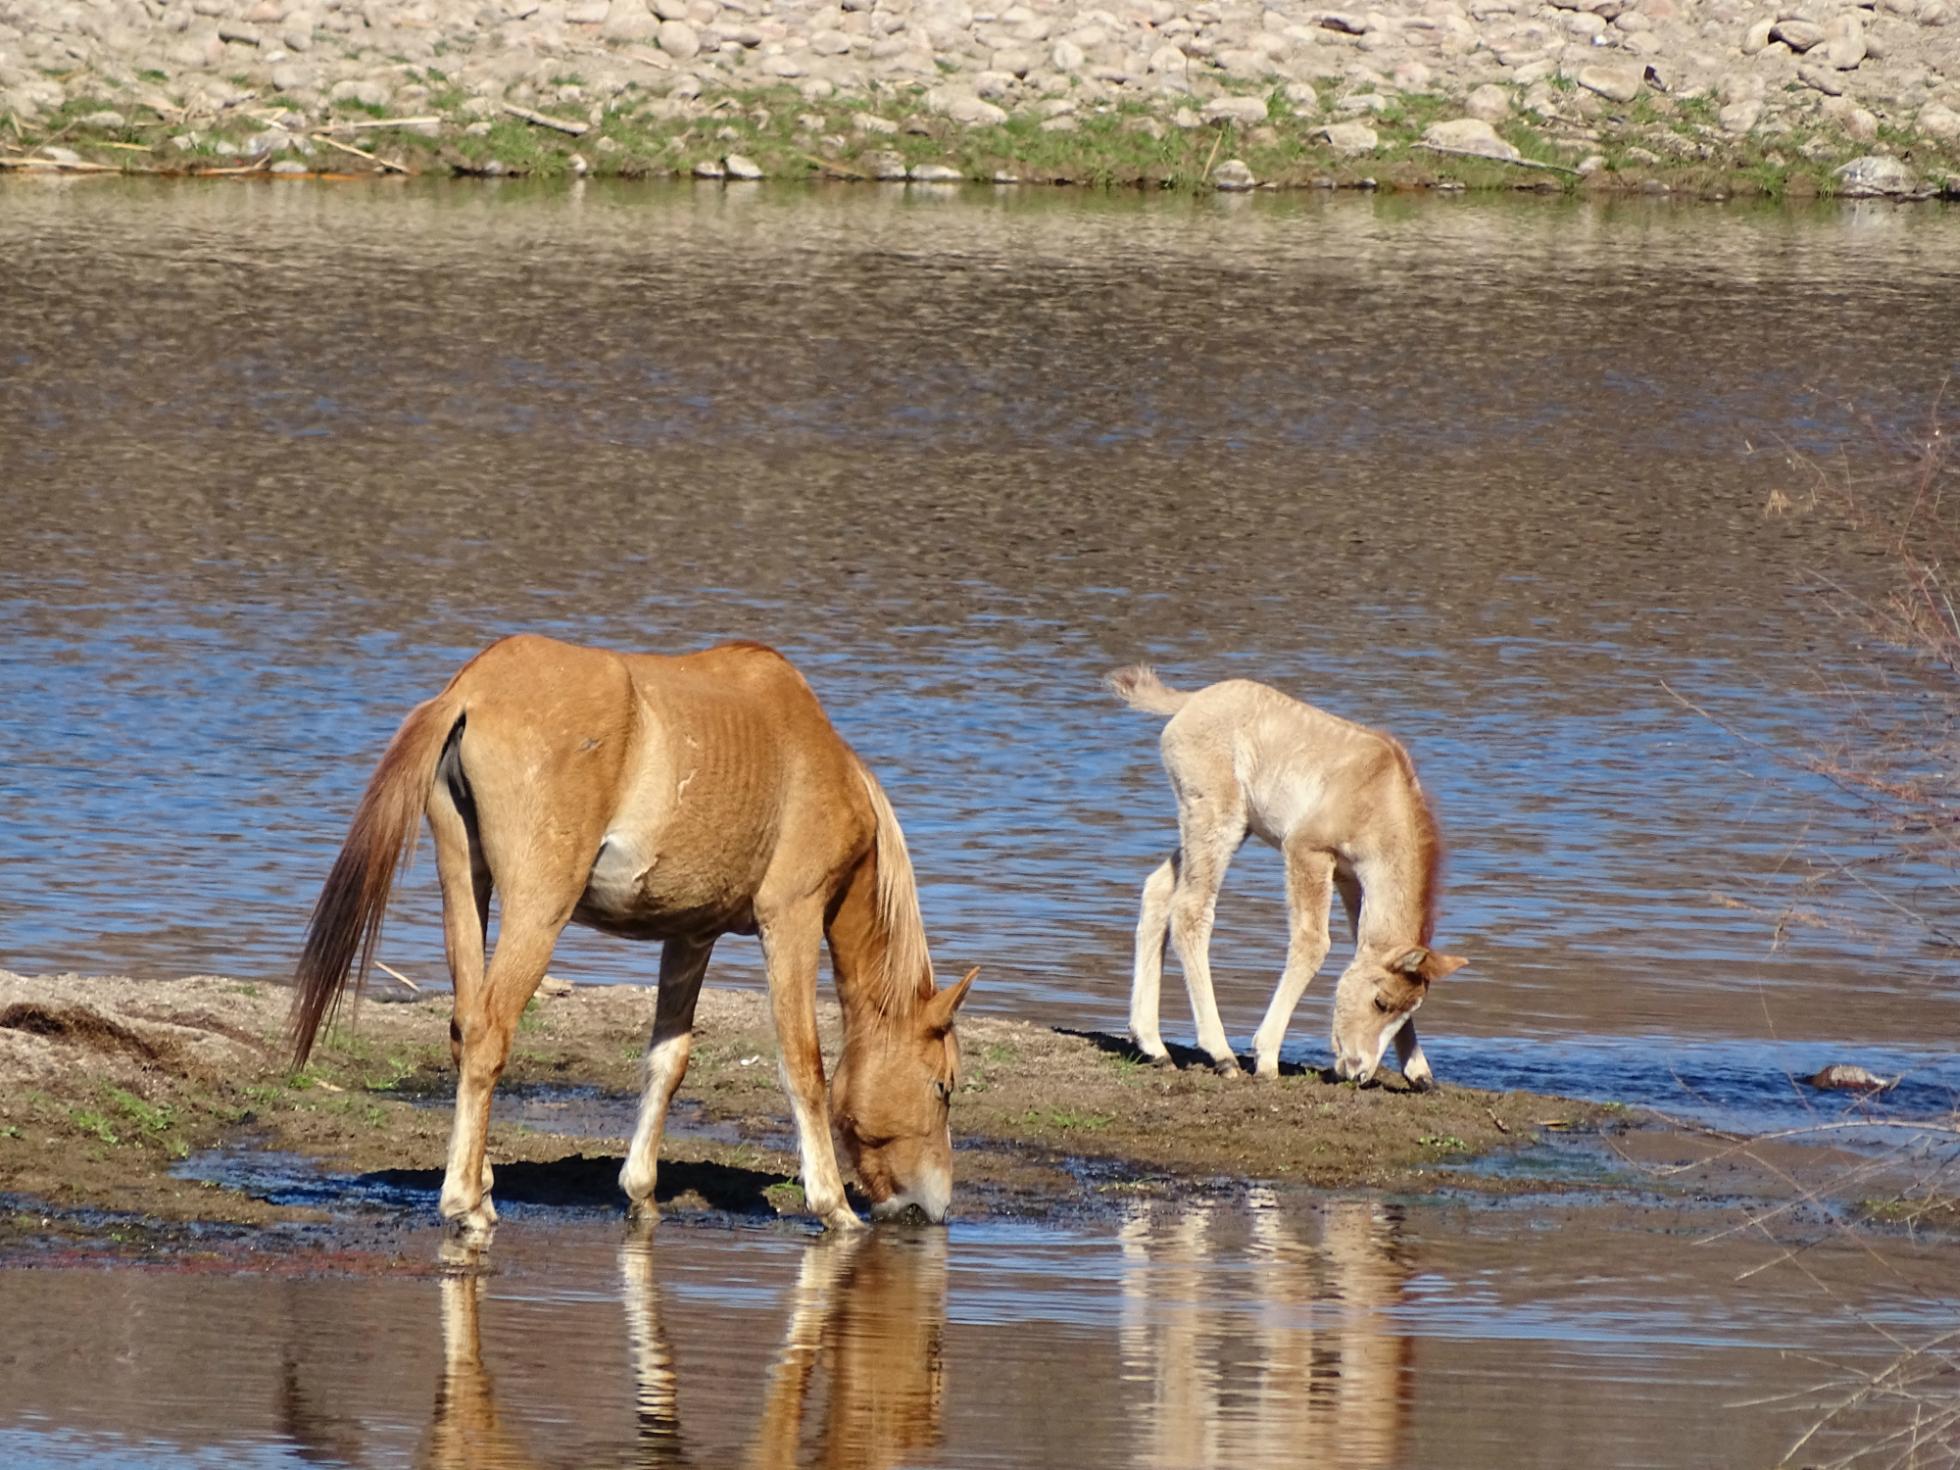 sweethorses